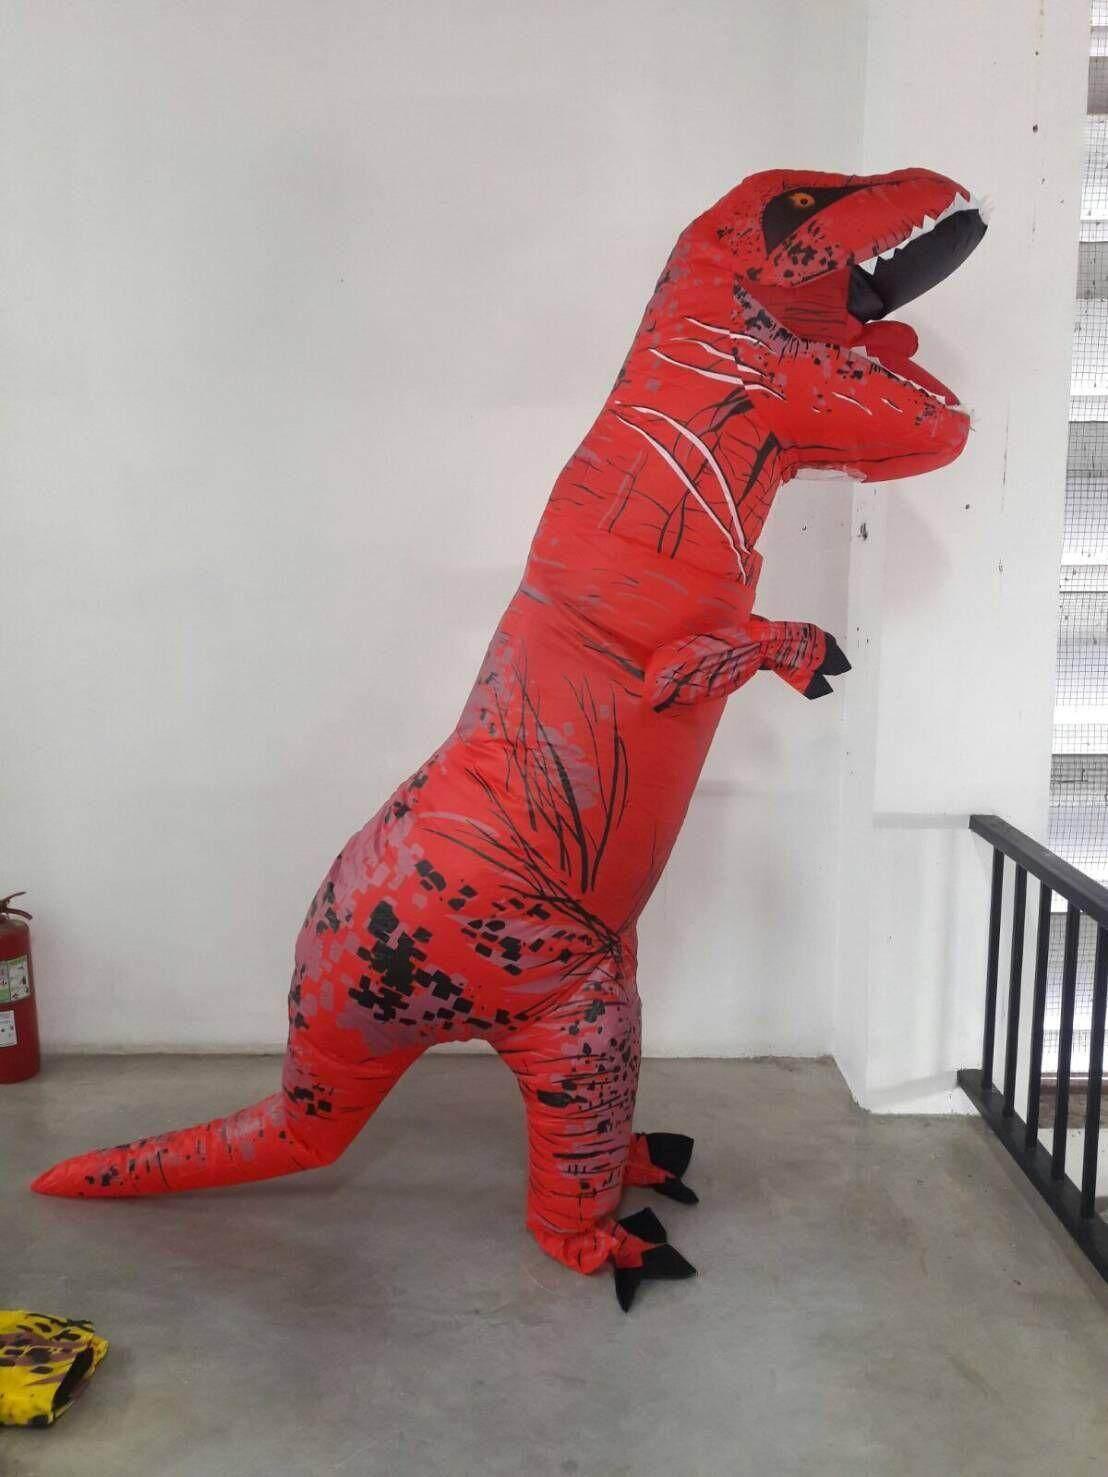 มาสคอต ไดโนเสาร์ ใส่แกล้งเพื่อนสนุก หรือใส่งานปาร์ตี้สร้างสีสัน.